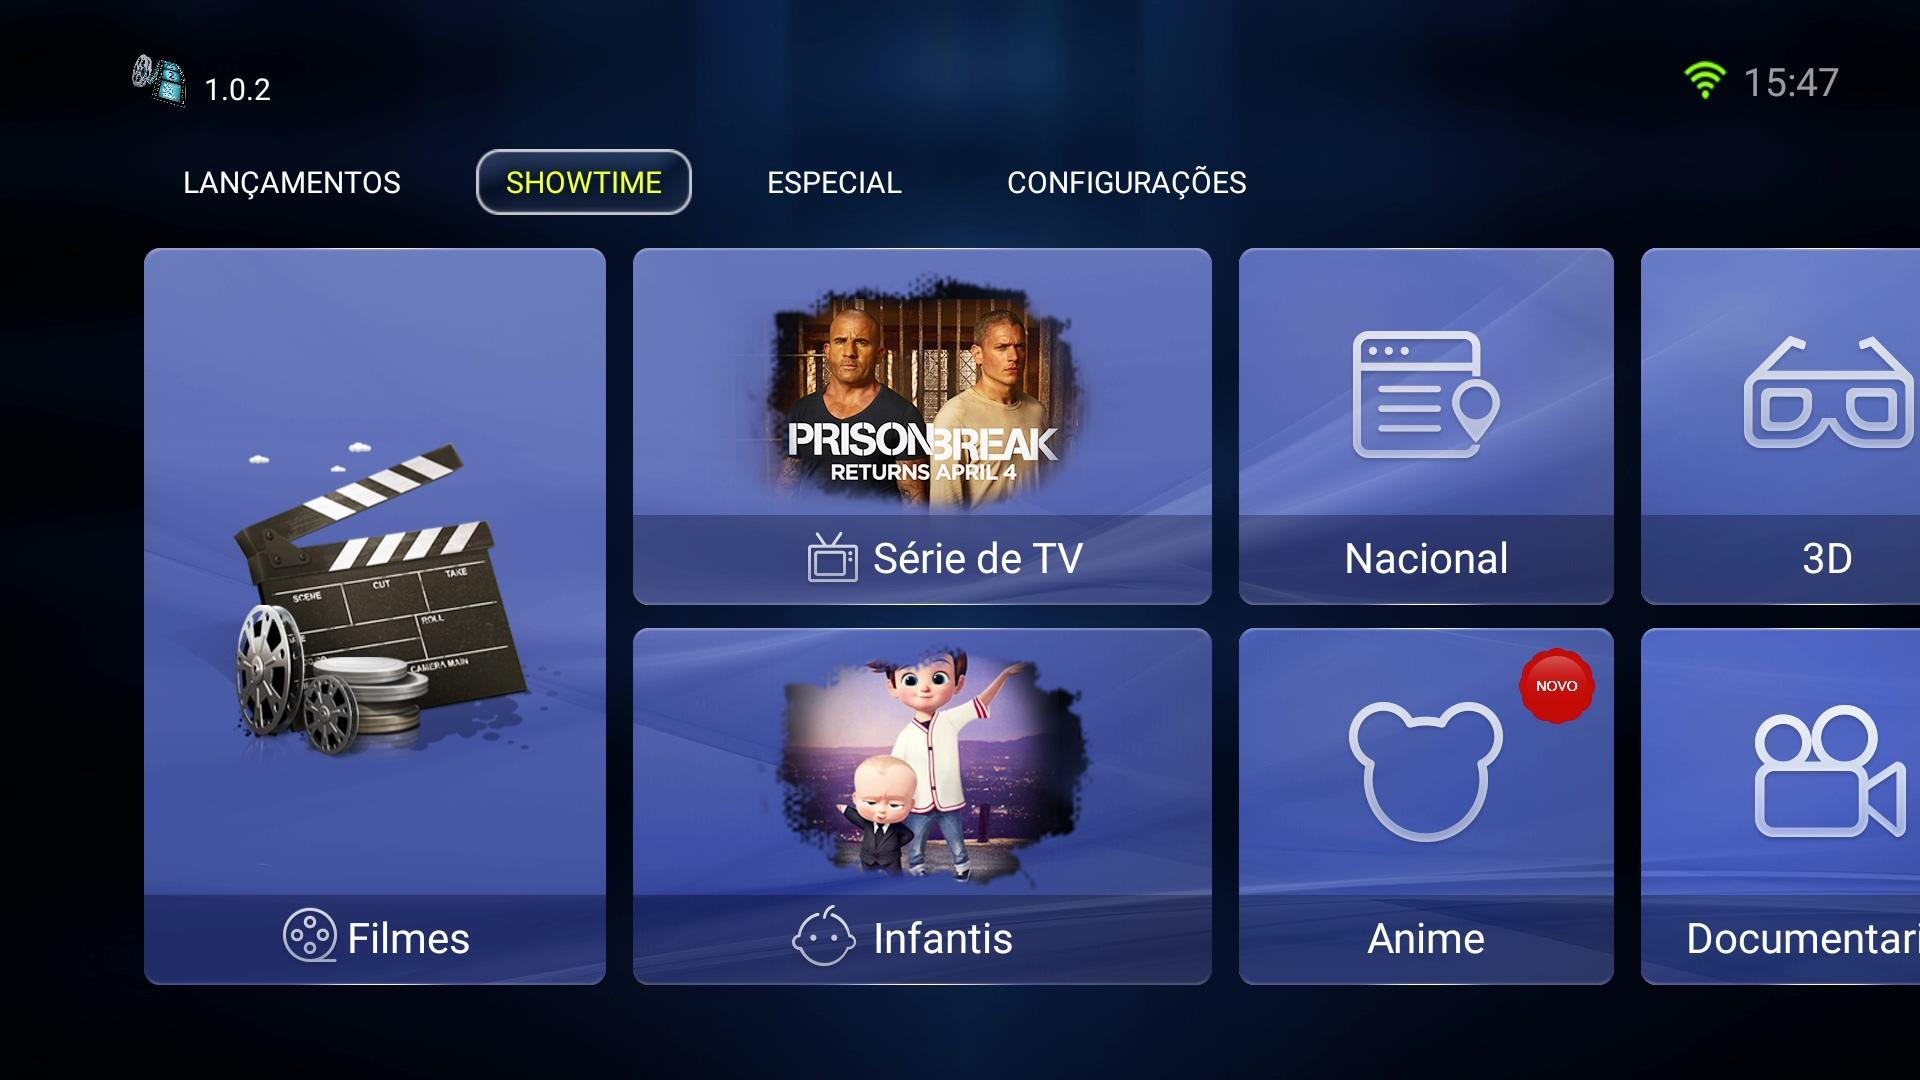 南美IPTV 盒子GOTV帶西語節目與葡萄牙語節目 3